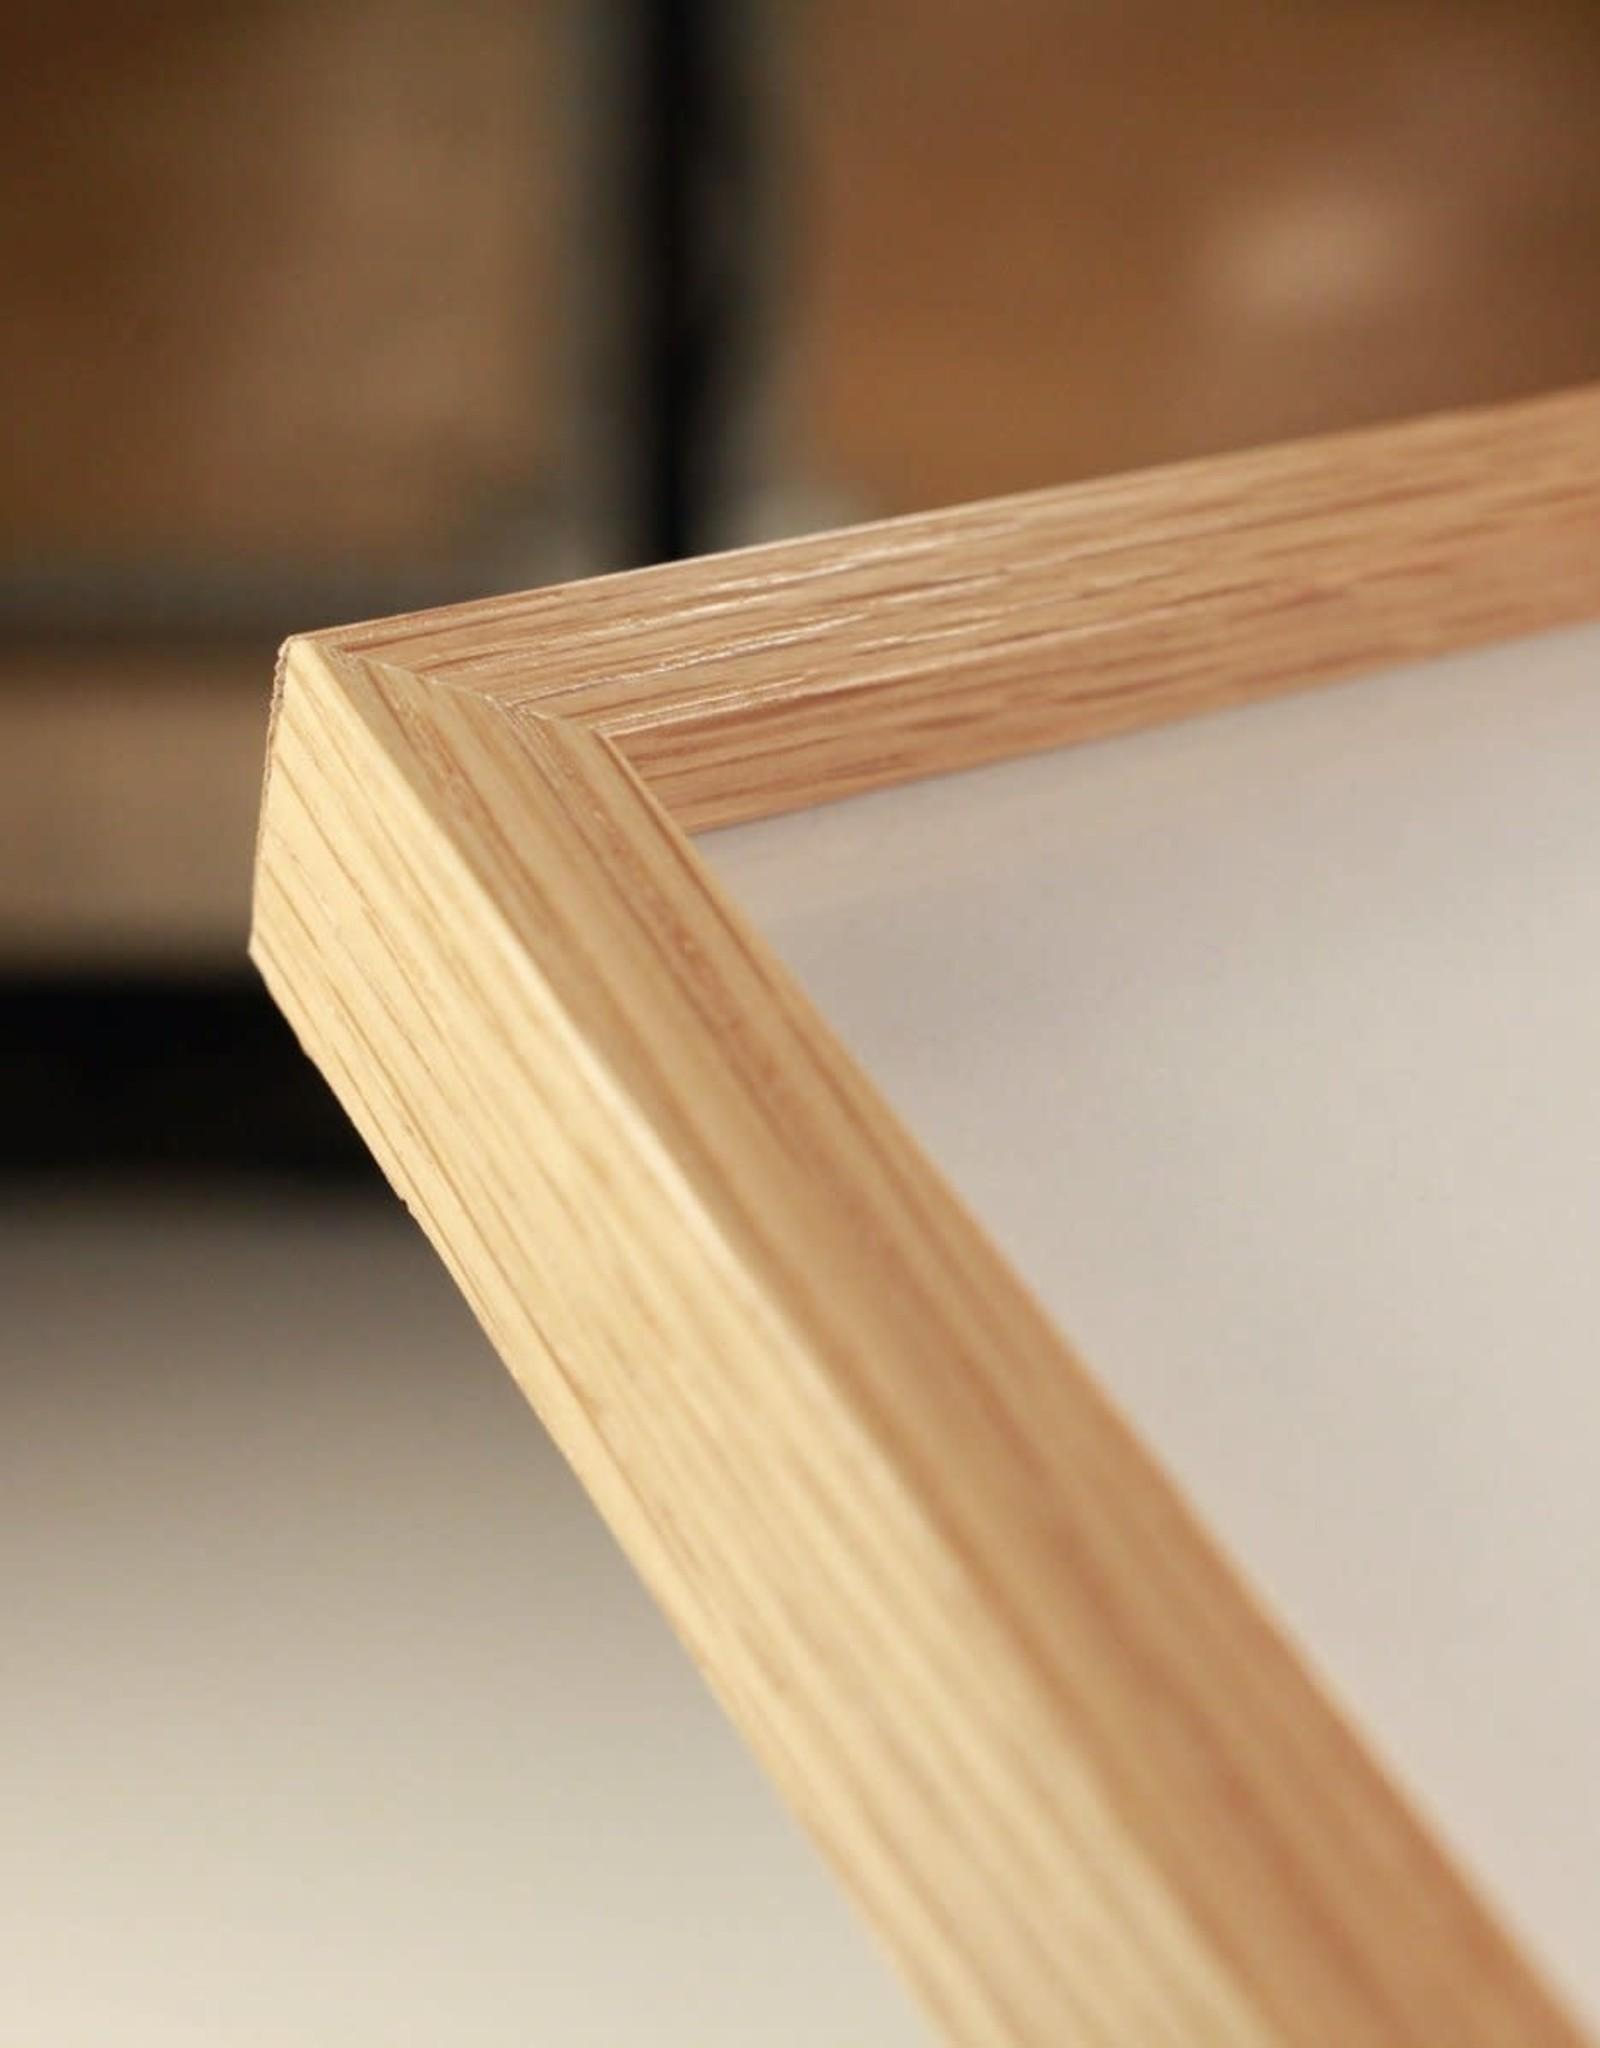 The Dybdahl & Co Oak Frame - 15 x 21 cm